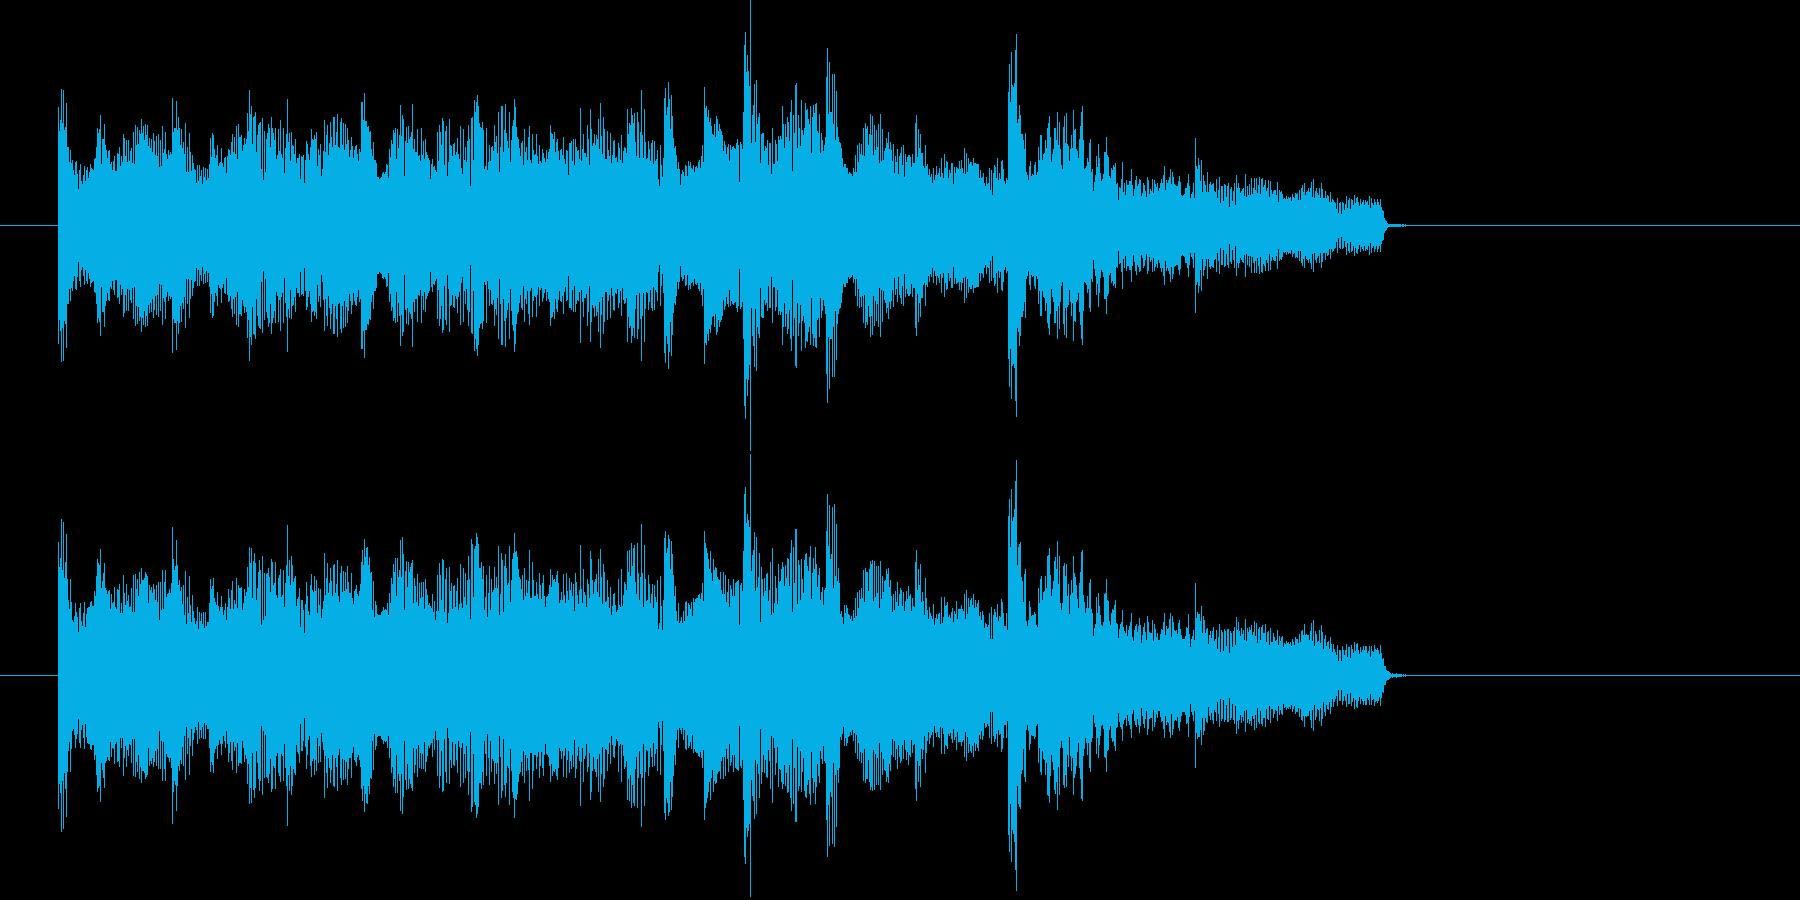 E.ピアノによる場面転換・アイキャッチ2の再生済みの波形